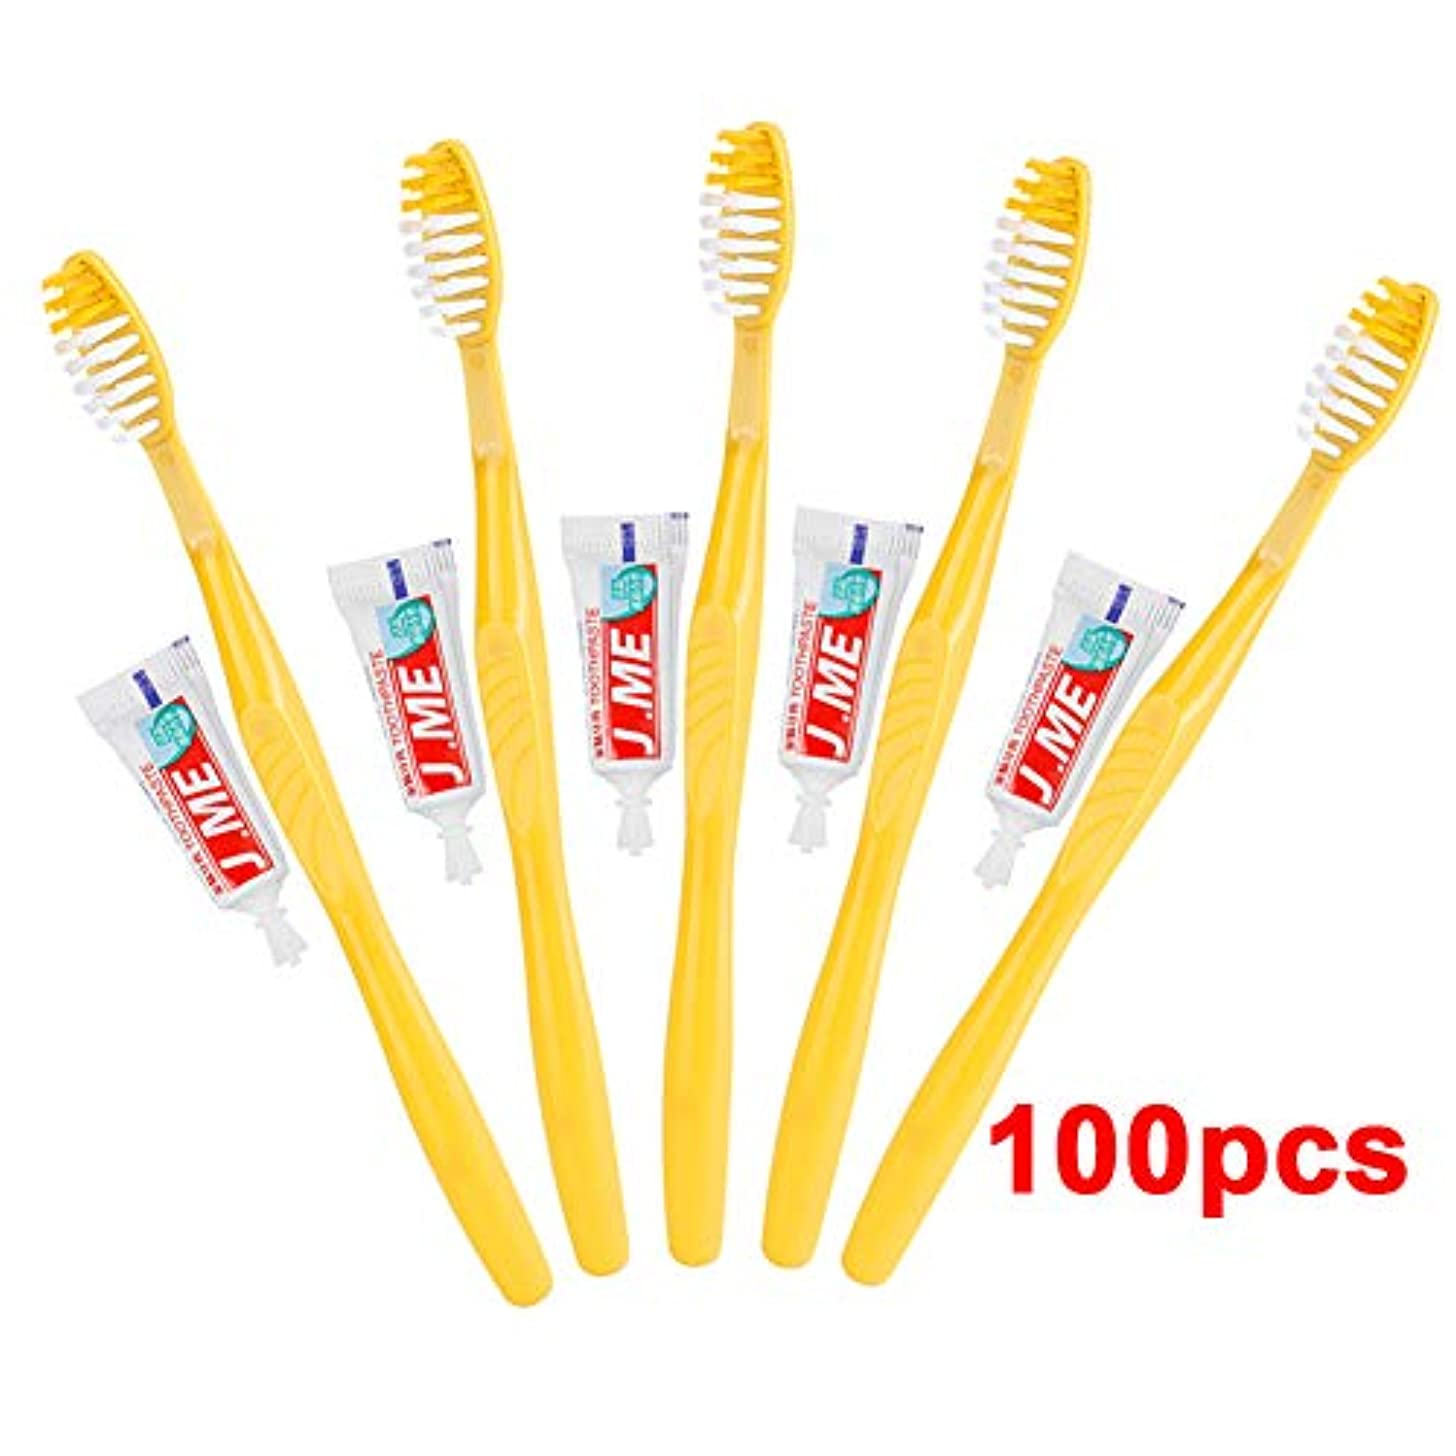 蛾順応性出くわすDoo 超安い 100本入り 業務用使い捨て歯ブラシセット ハミガキ粉付き 使い捨て歯ブラシ ビジネス ホテル 工業用